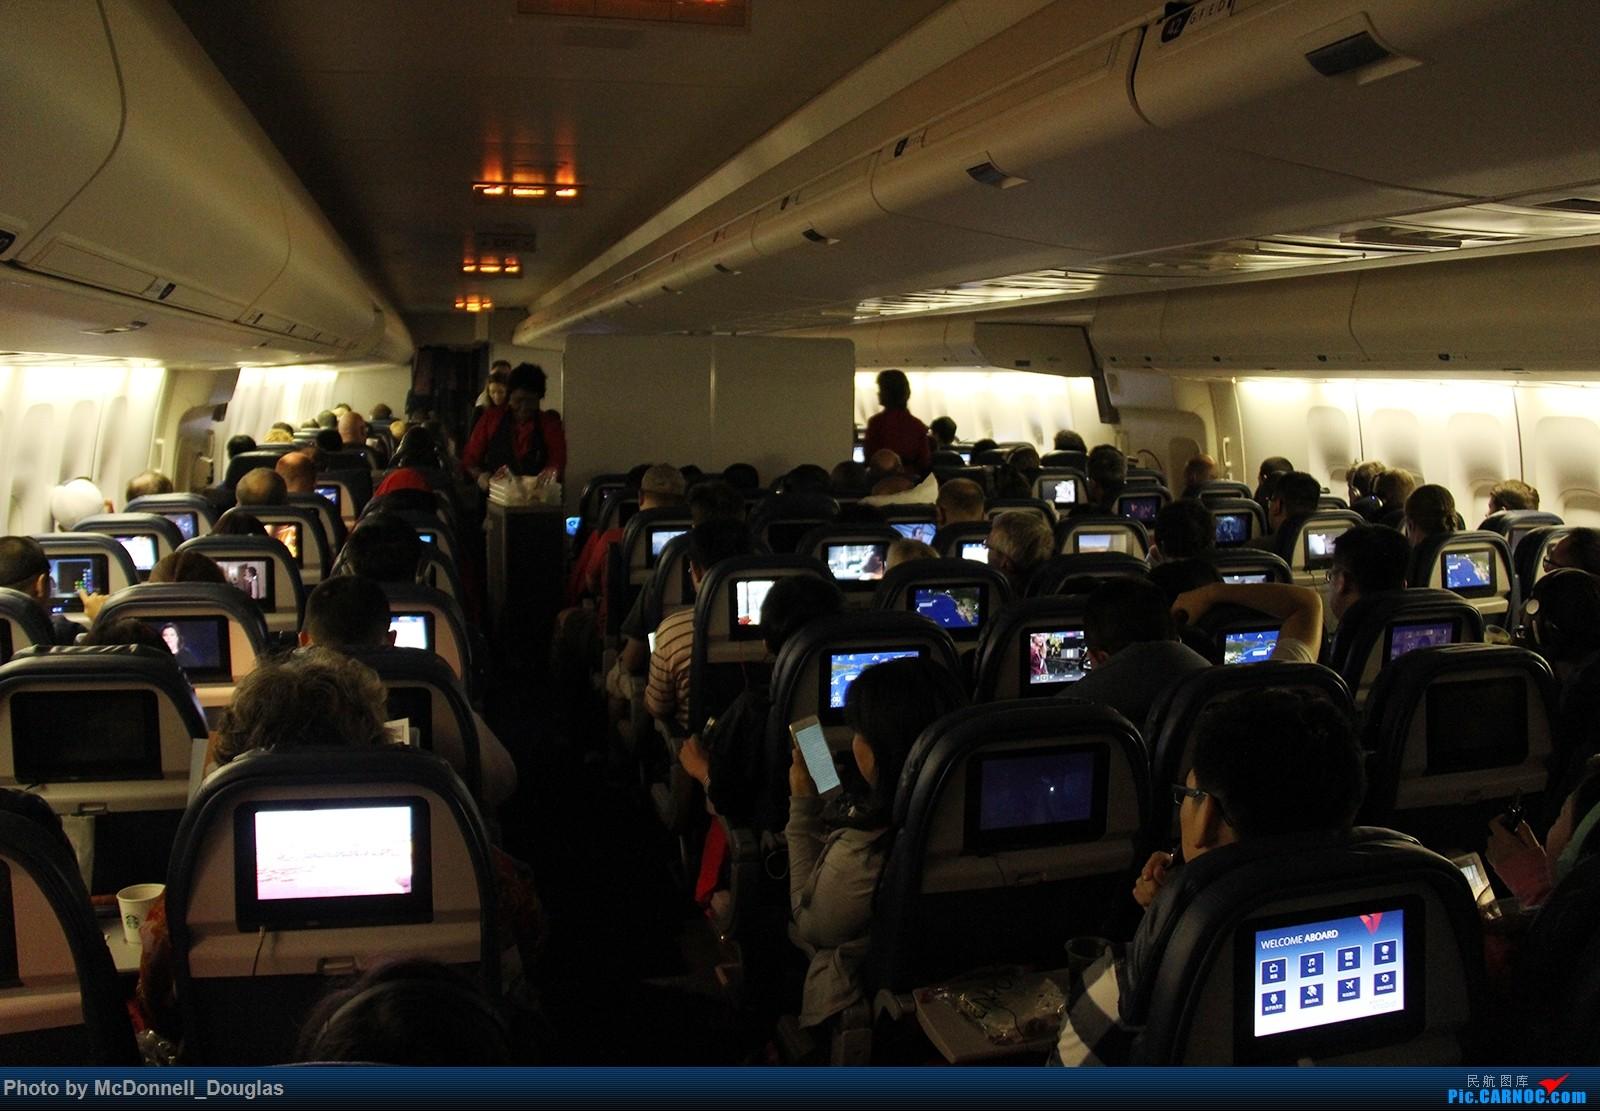 Re:[原创]【上海飞友会】图会很多,也有很多驾驶舱,杂七杂八的美帝,梦寐以求的圣马丁,这更绝不弃贴,前十个id砸飞机砸一个返一个 BOEING747-451 N673US